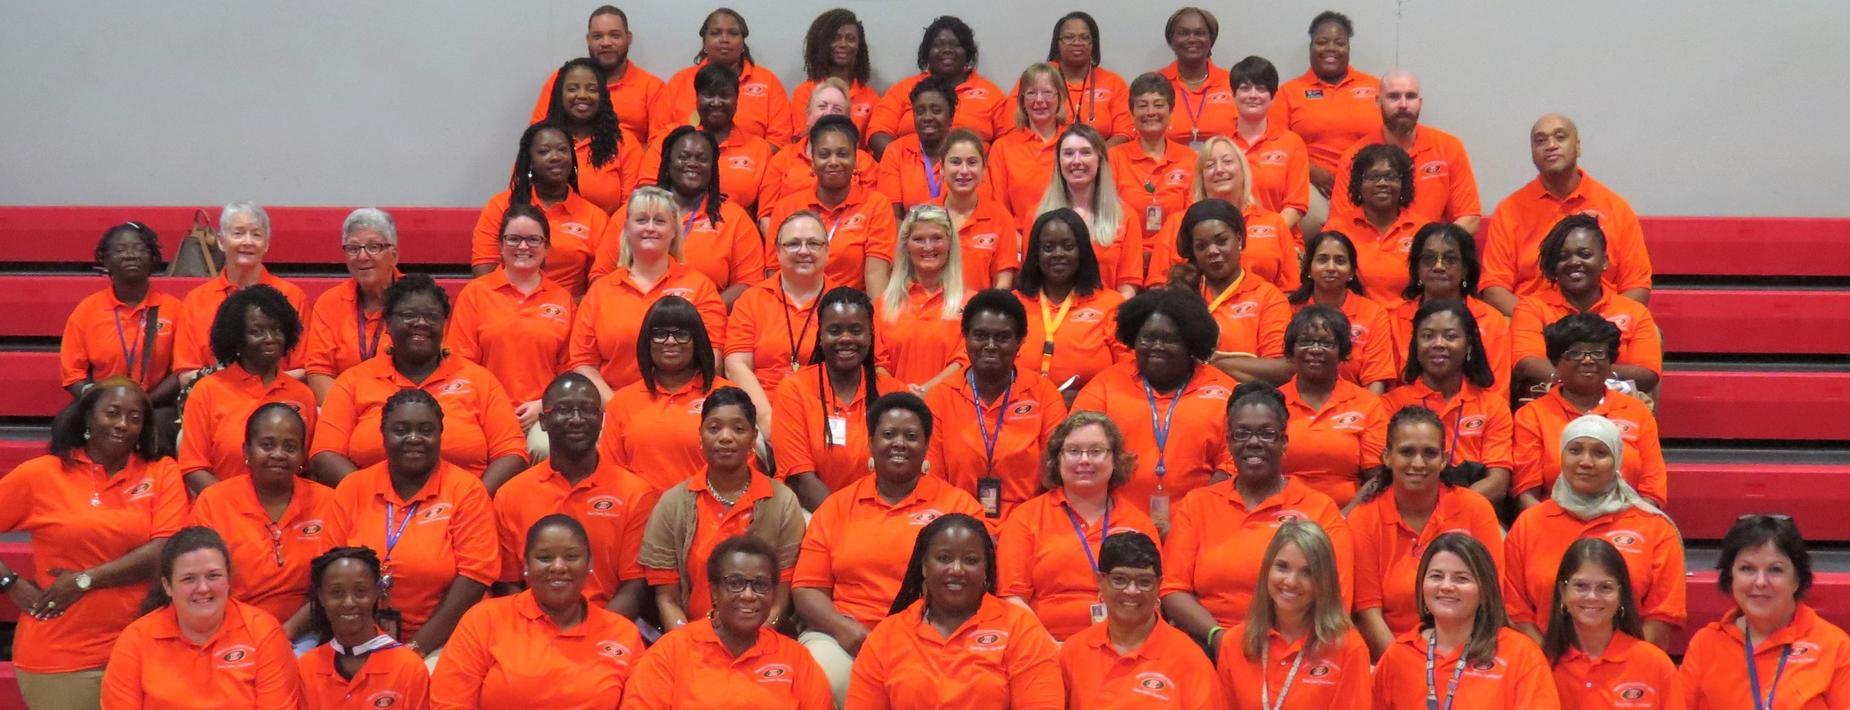 Hardeeville Elementary Staff photos